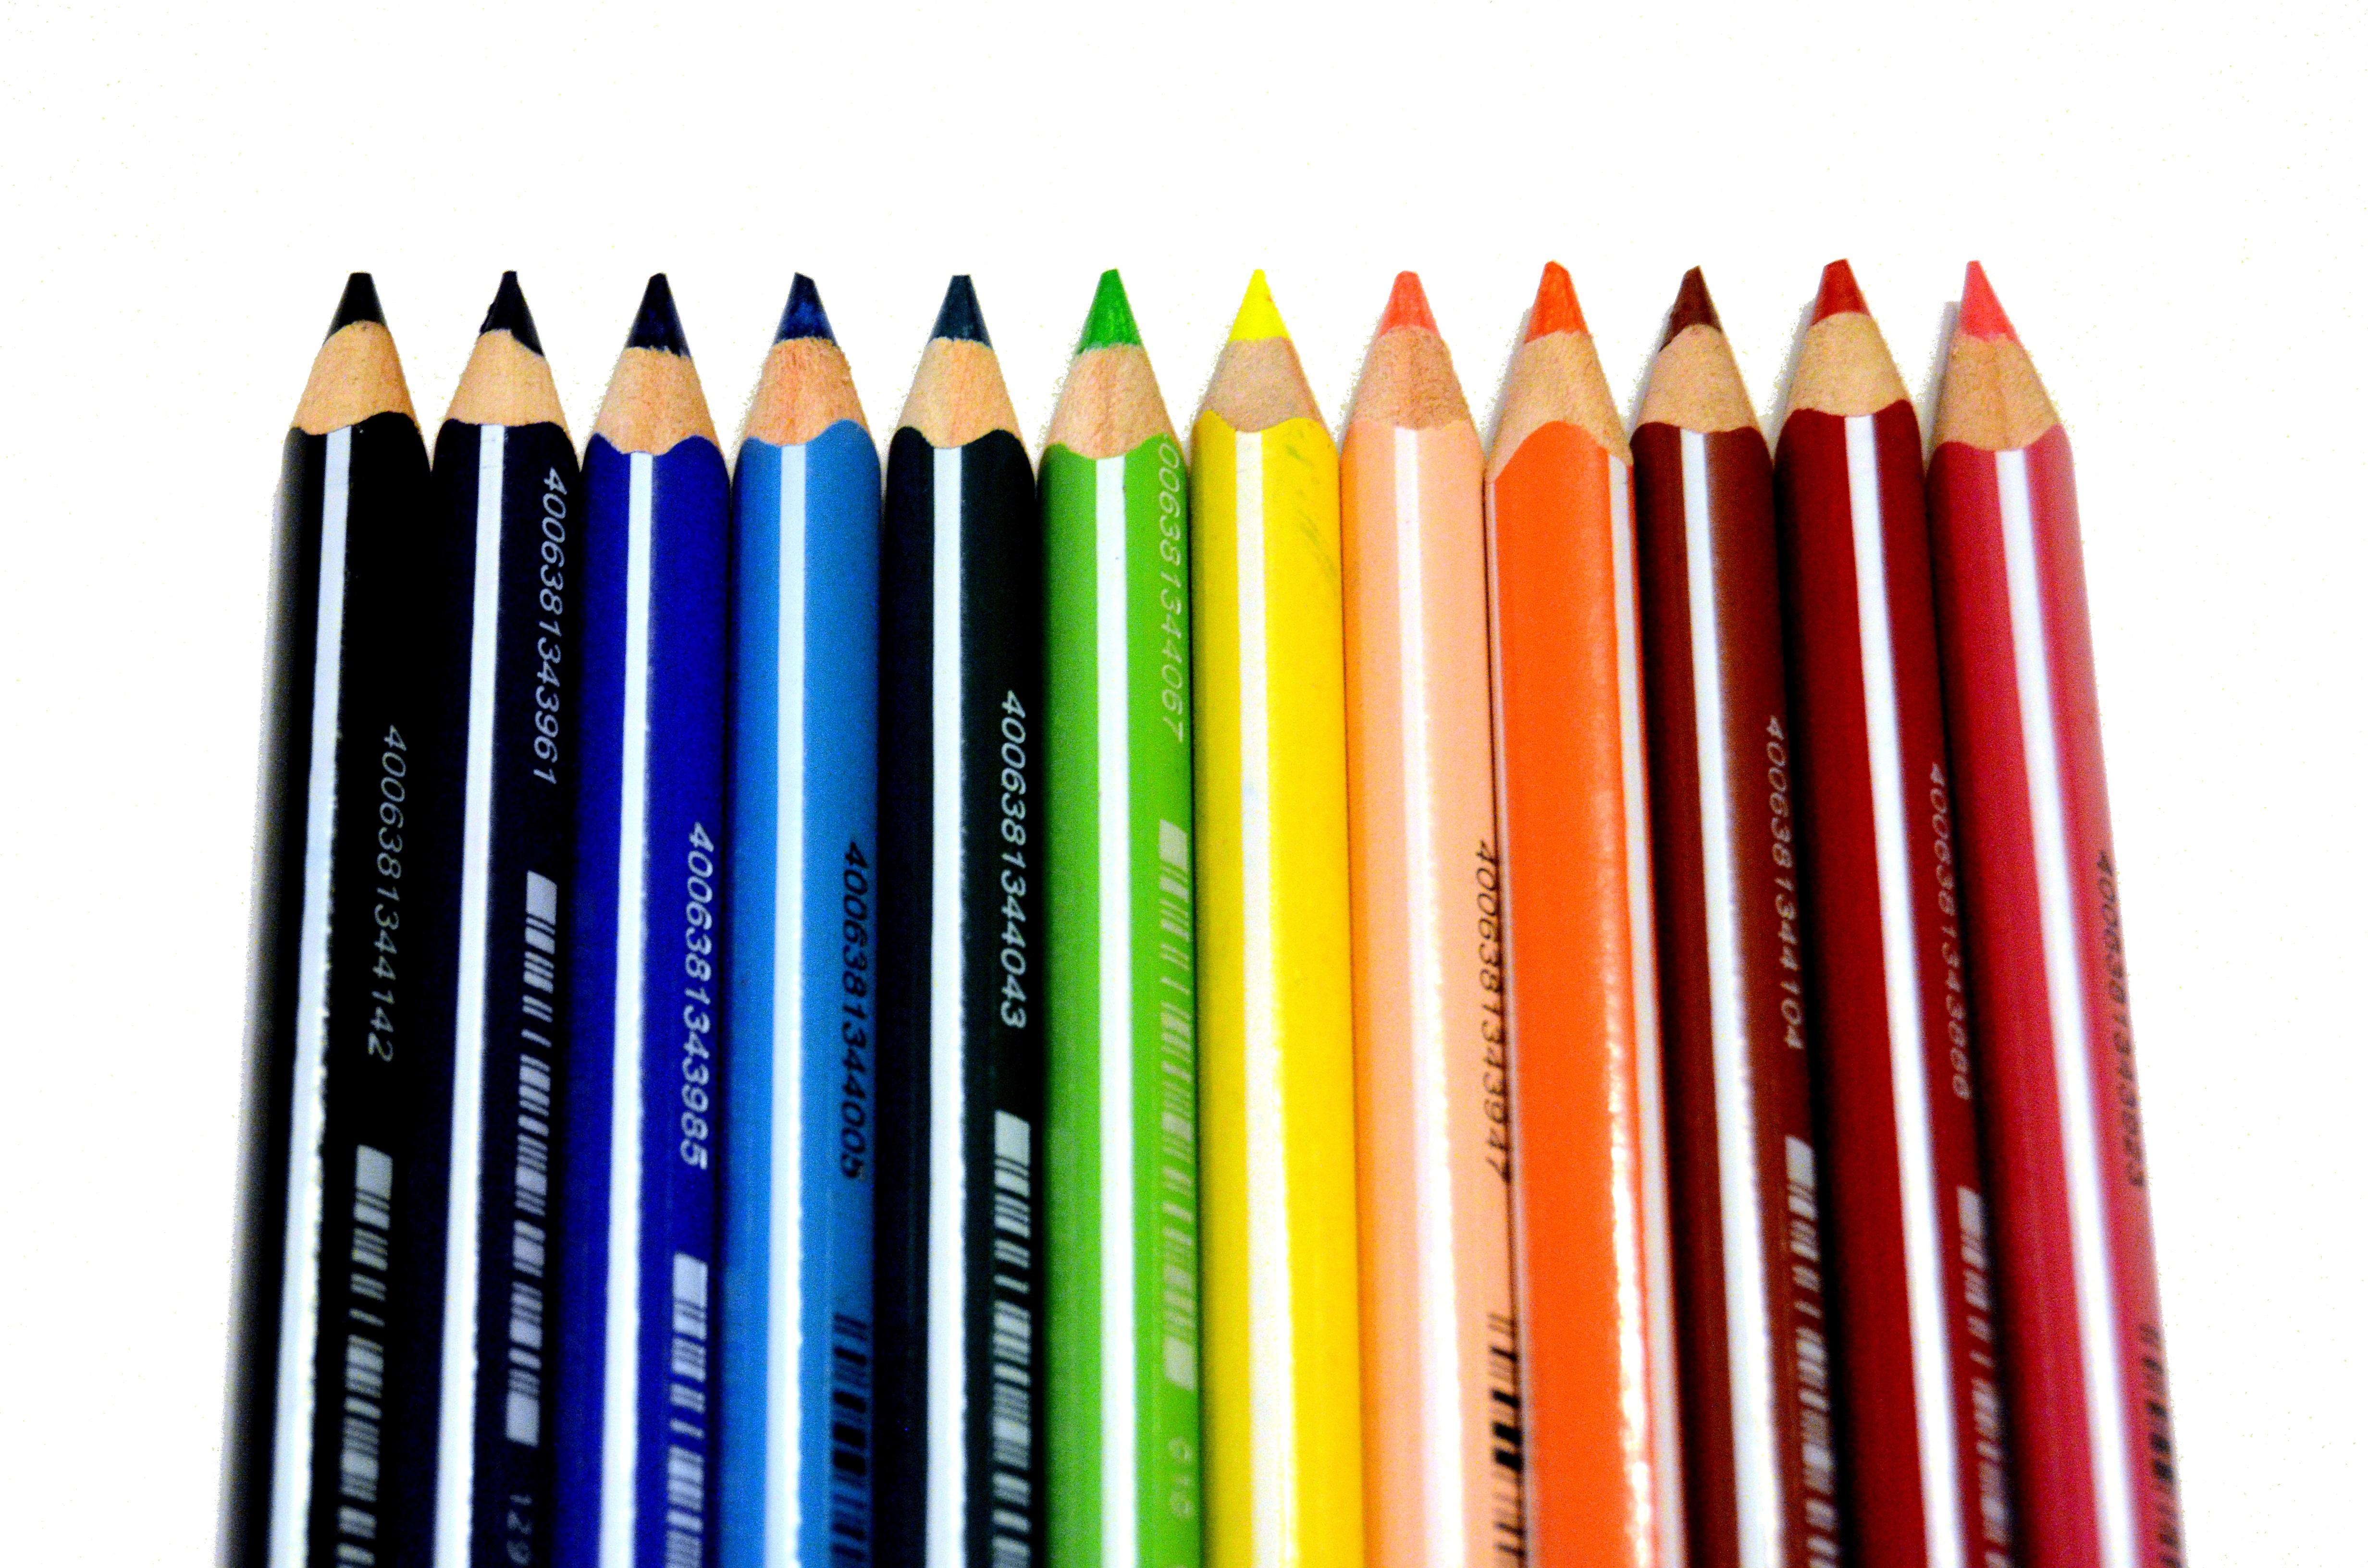 Hình ảnh Bút Chì Cây Bút Bức Vẽ Màu Sắc Bản Vẽ Bút